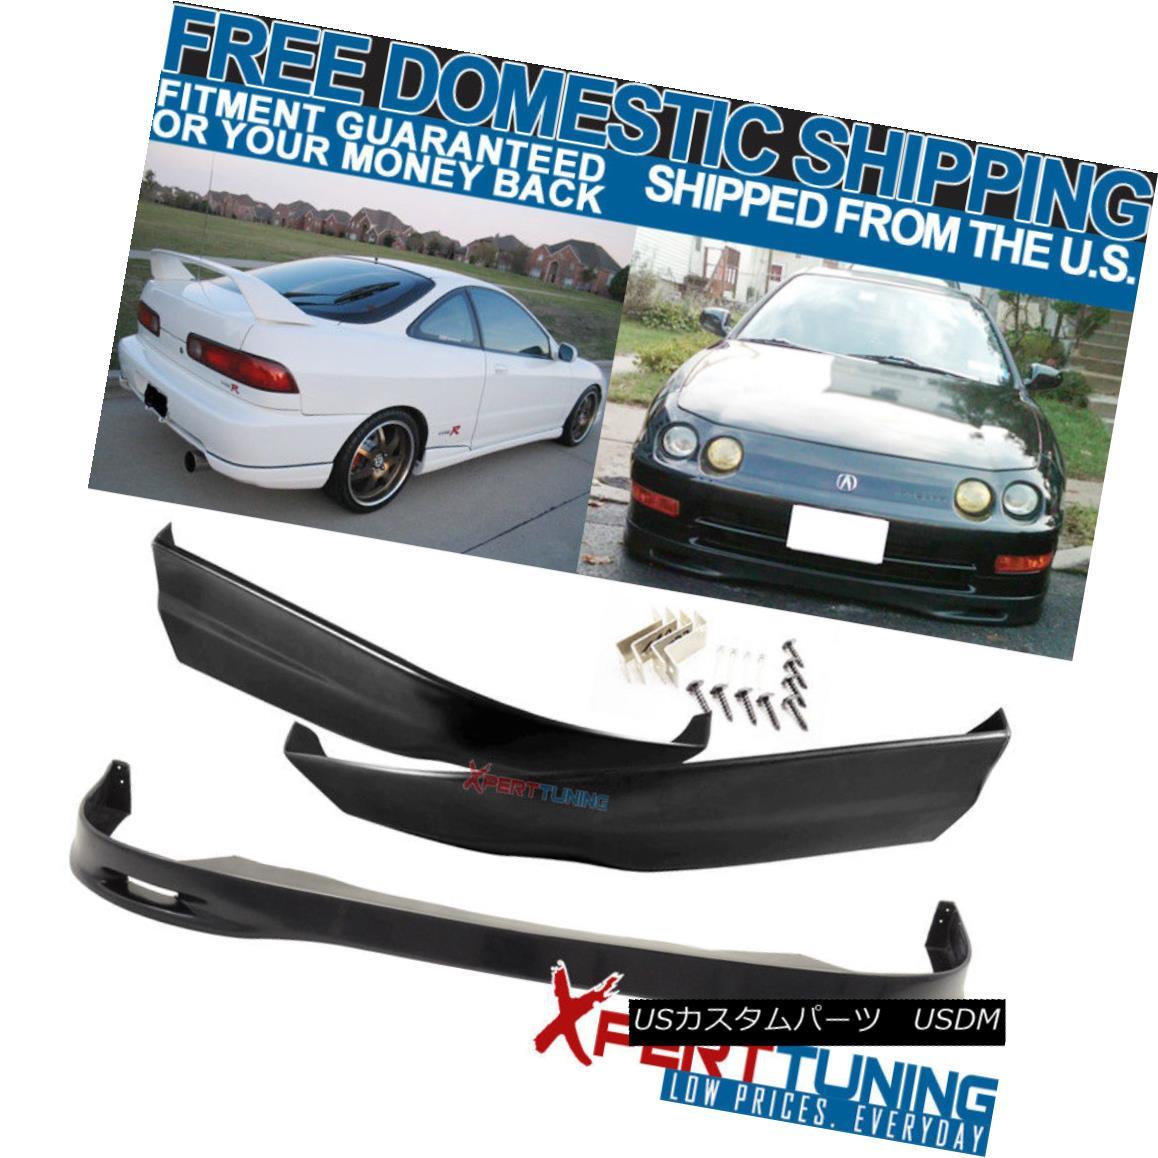 エアロパーツ PU SPOON Style Front + Rear Bumper Lip Bodykit Fit 98-01 Acura Integra PU PU SPOONスタイルフロント+リアバンパーリップボディキットフィット98-01 Acura Integra PU